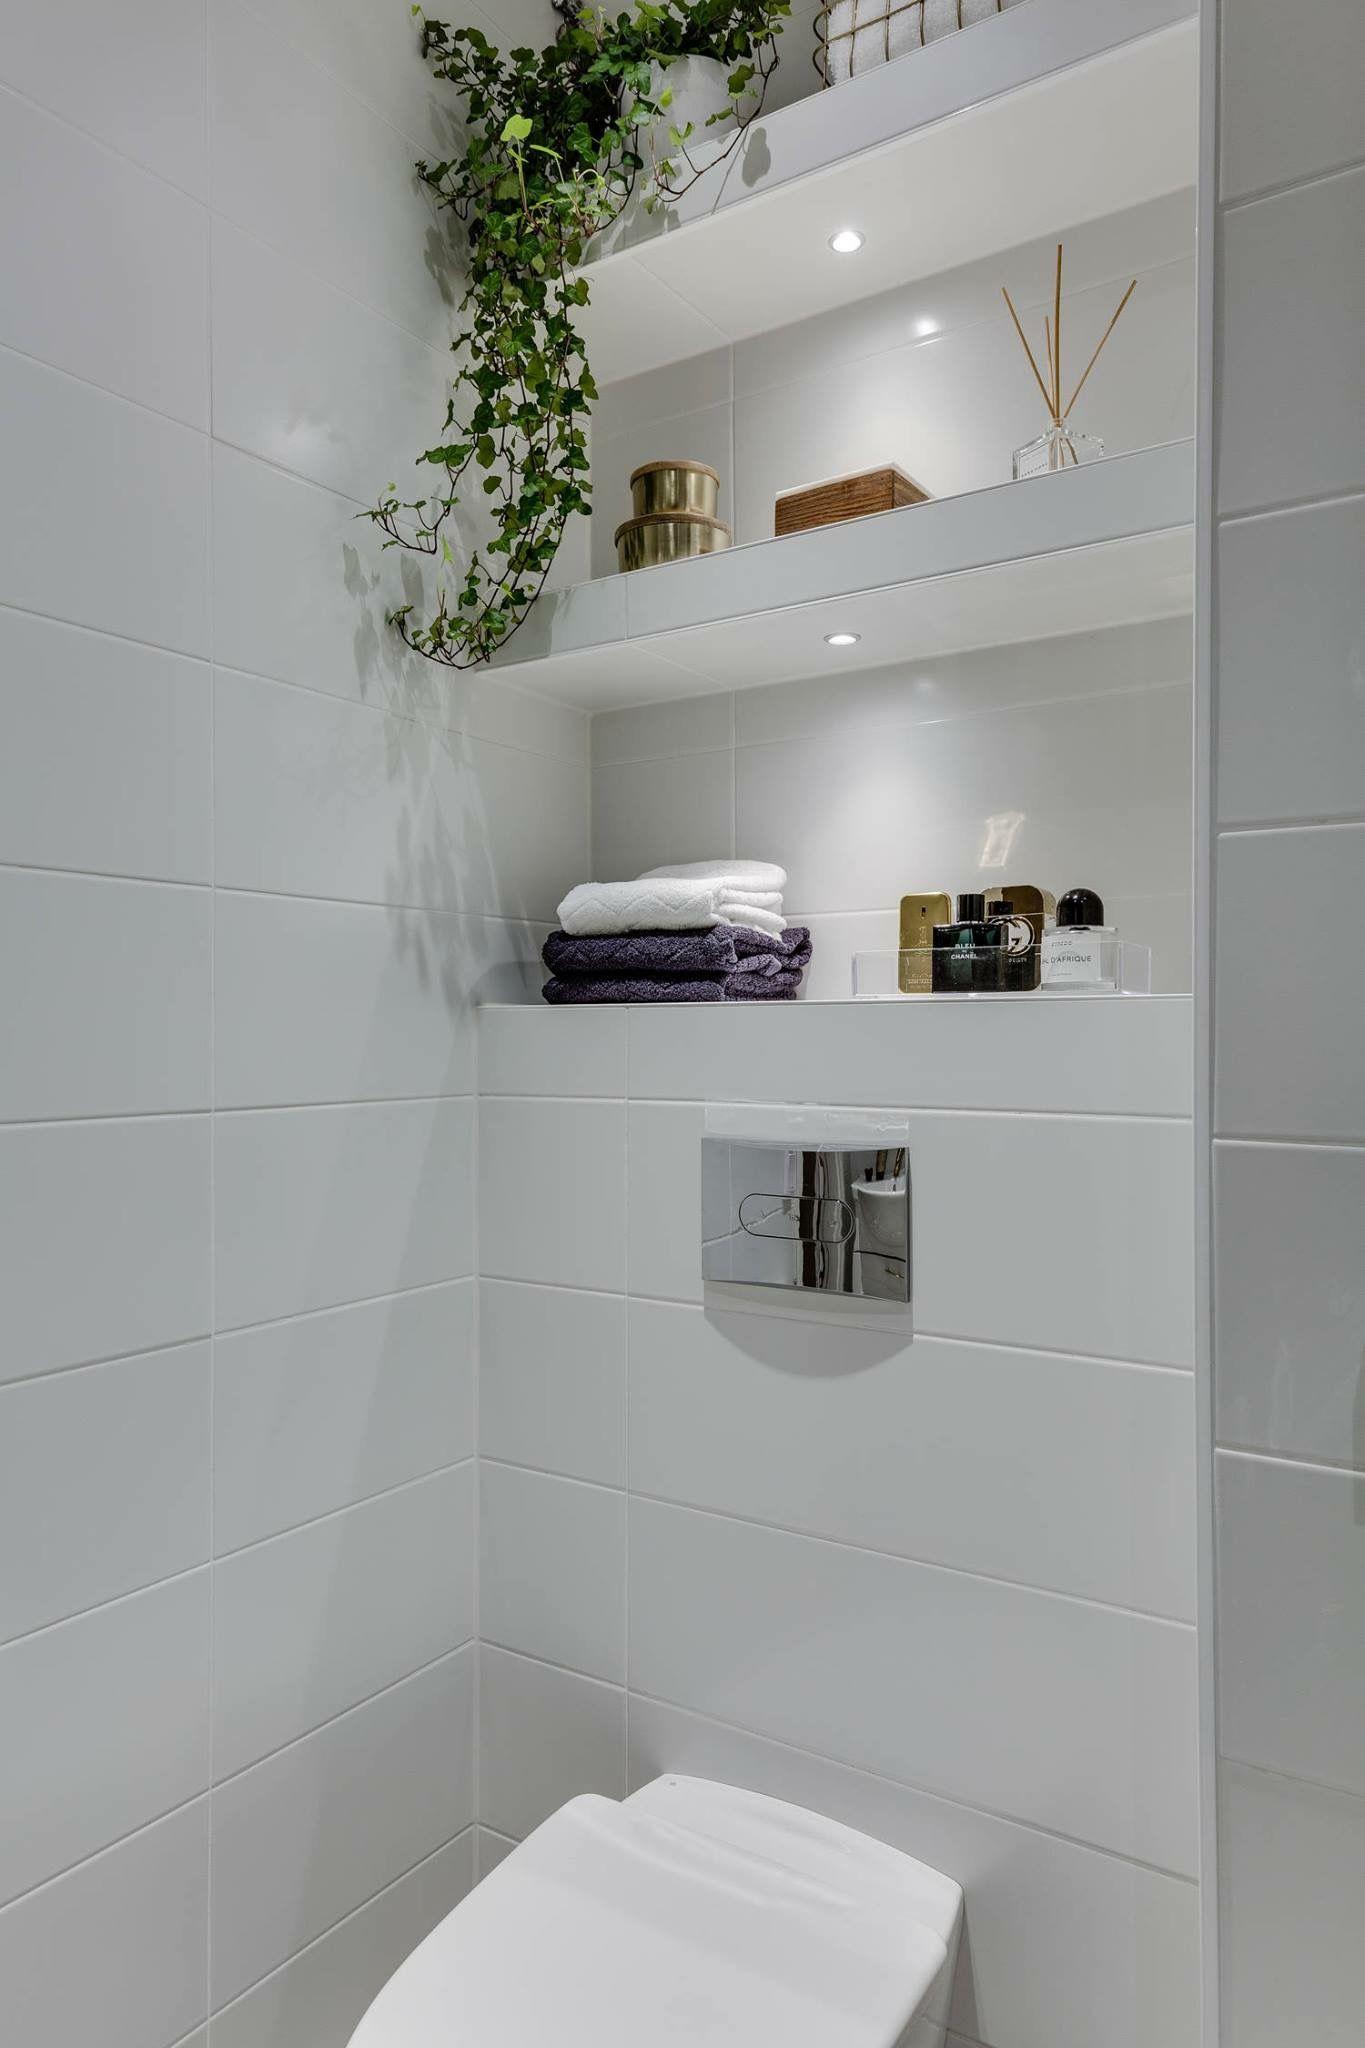 Wc, mooie achterwand - Toilet | Pinterest - Wc, Badkamer en Toiletten